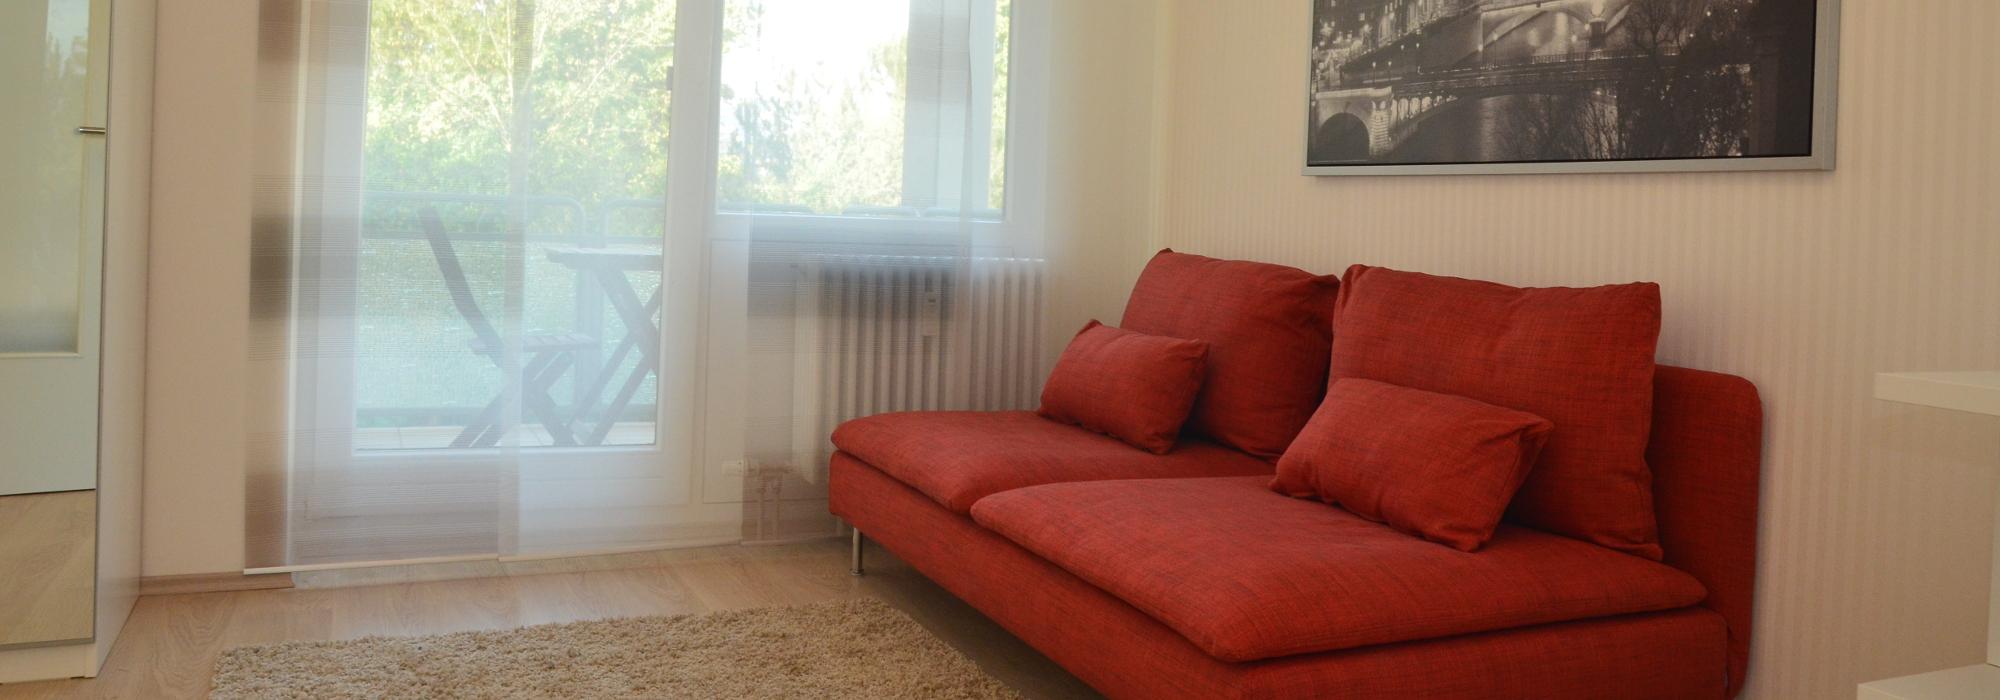 Top möblierte Wohnung, frisch renoviert